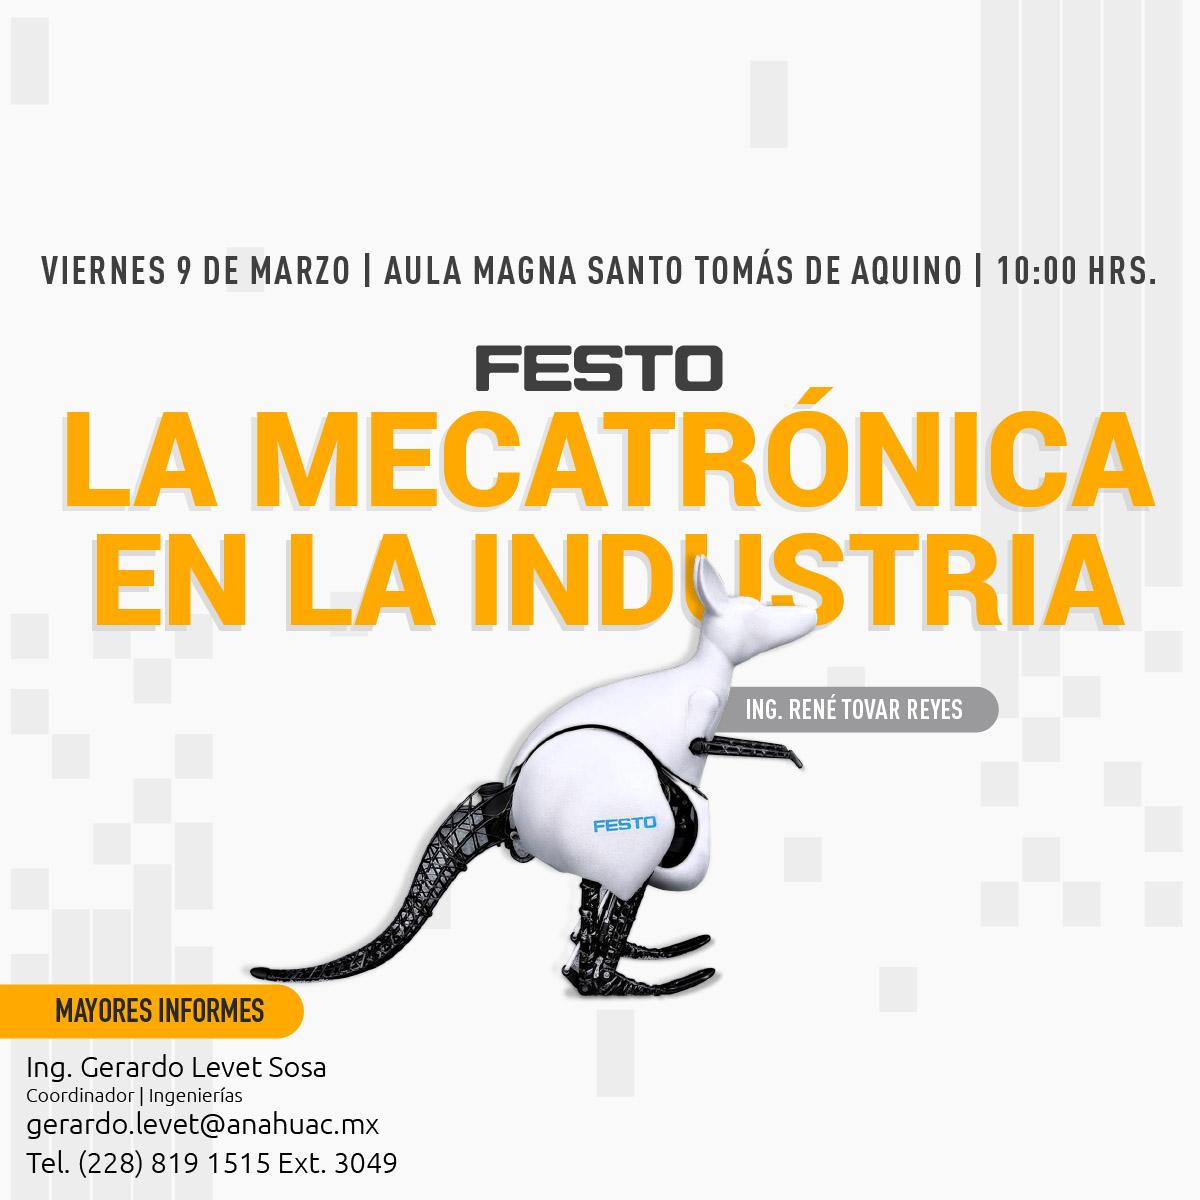 La Mecatrónica en la Industria